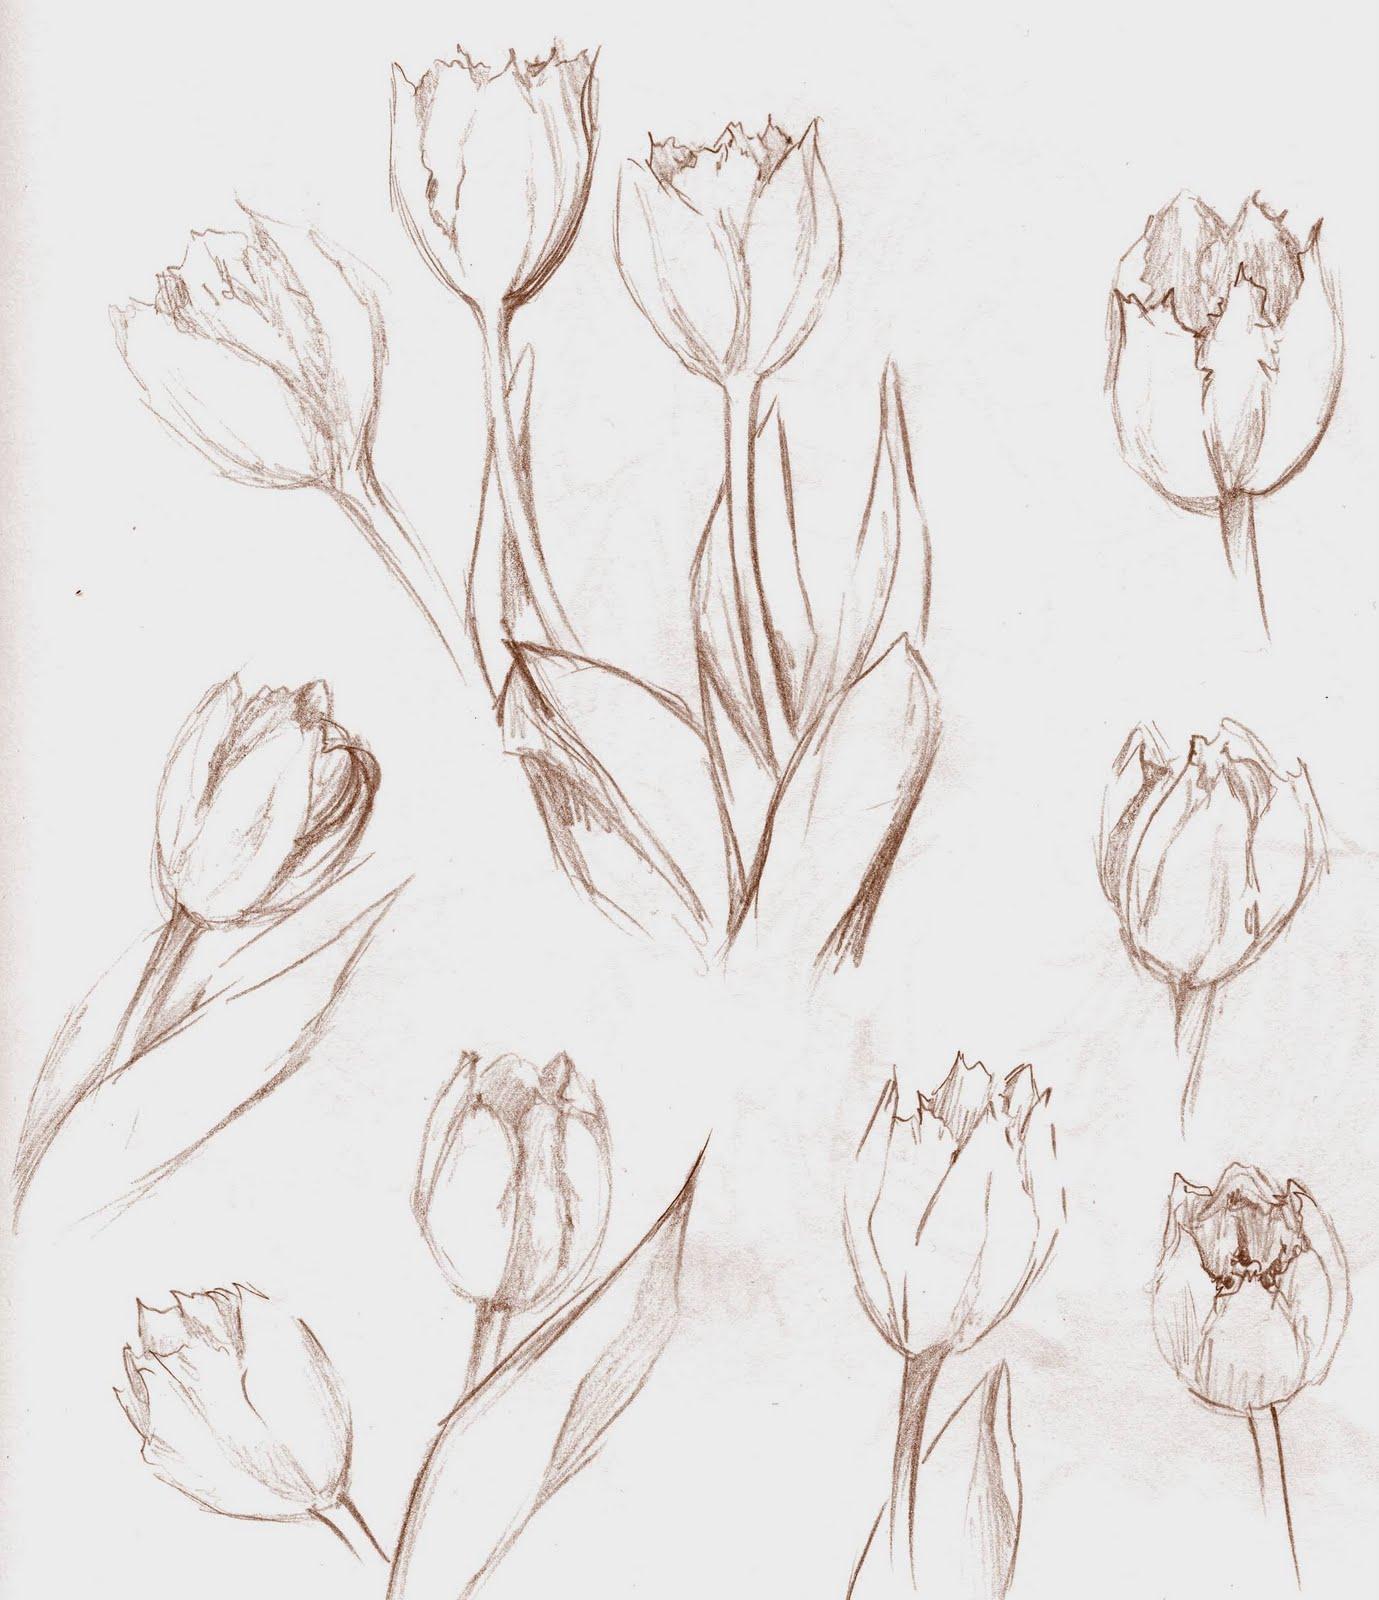 Küchentisch Zeichnen: Charoi's Sketchblog: Flowers